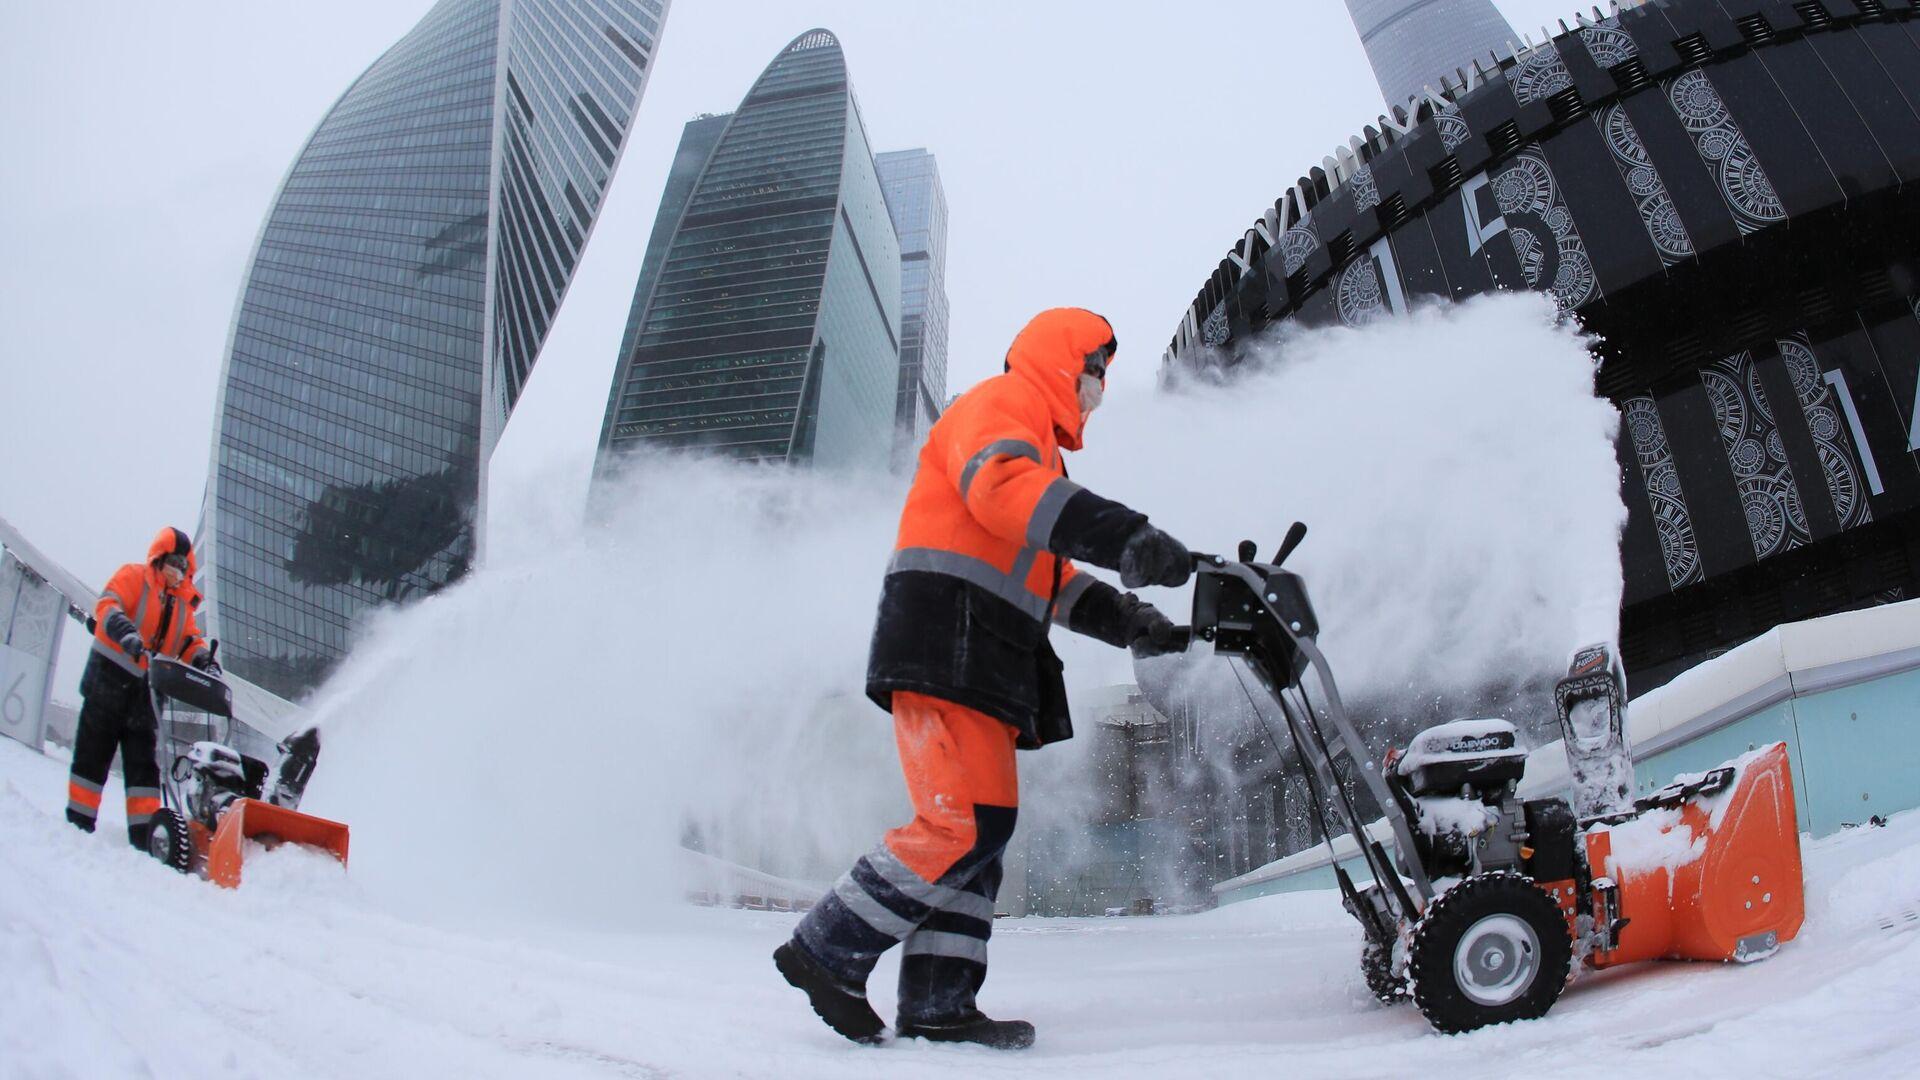 Сотрудники коммунальной службы убирают снег с площади у делового центра Москва-сити - РИА Новости, 1920, 13.02.2021